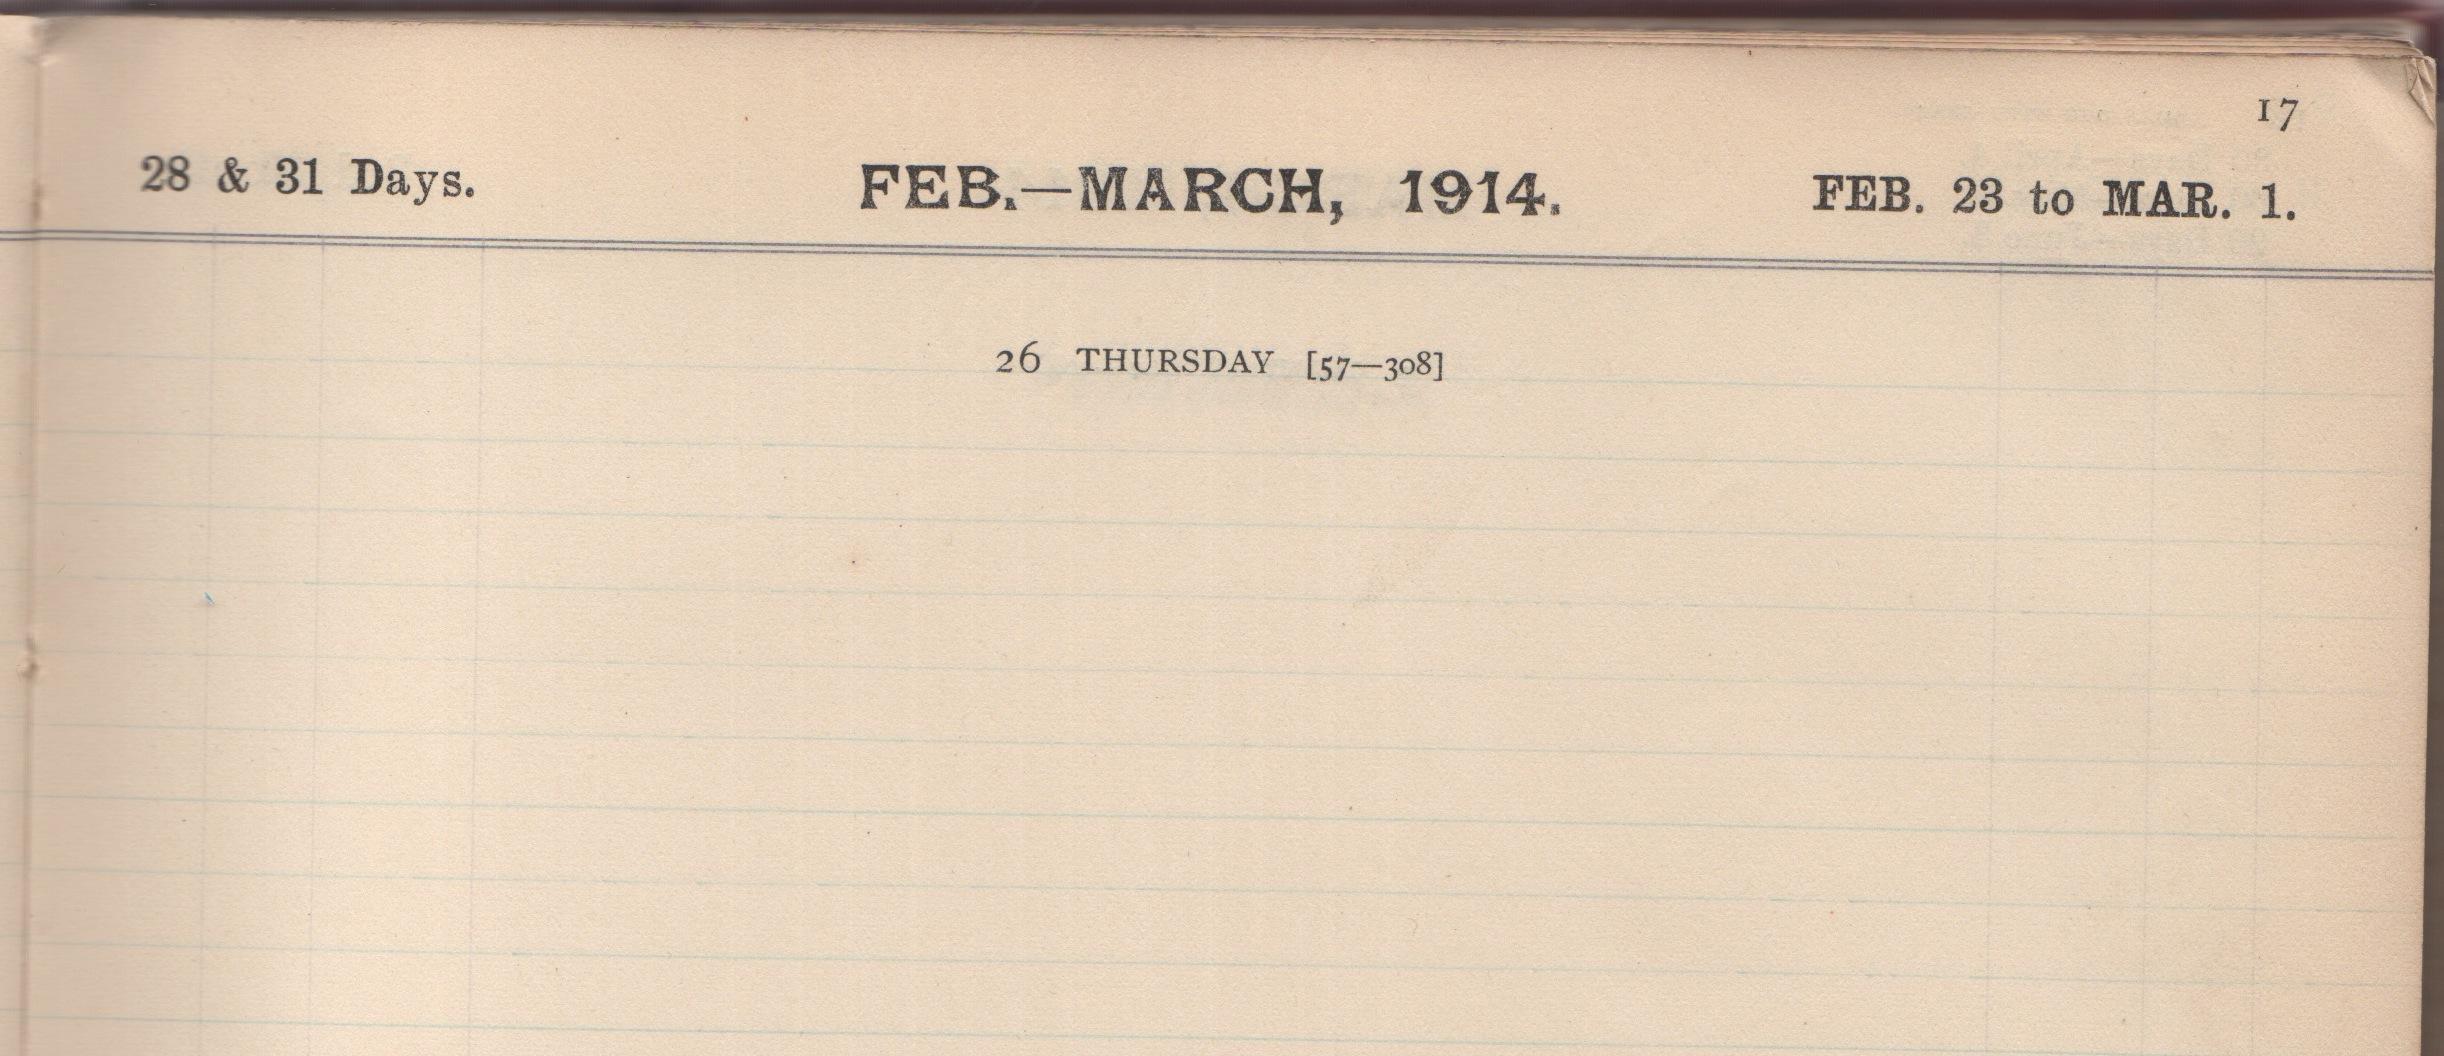 26. February